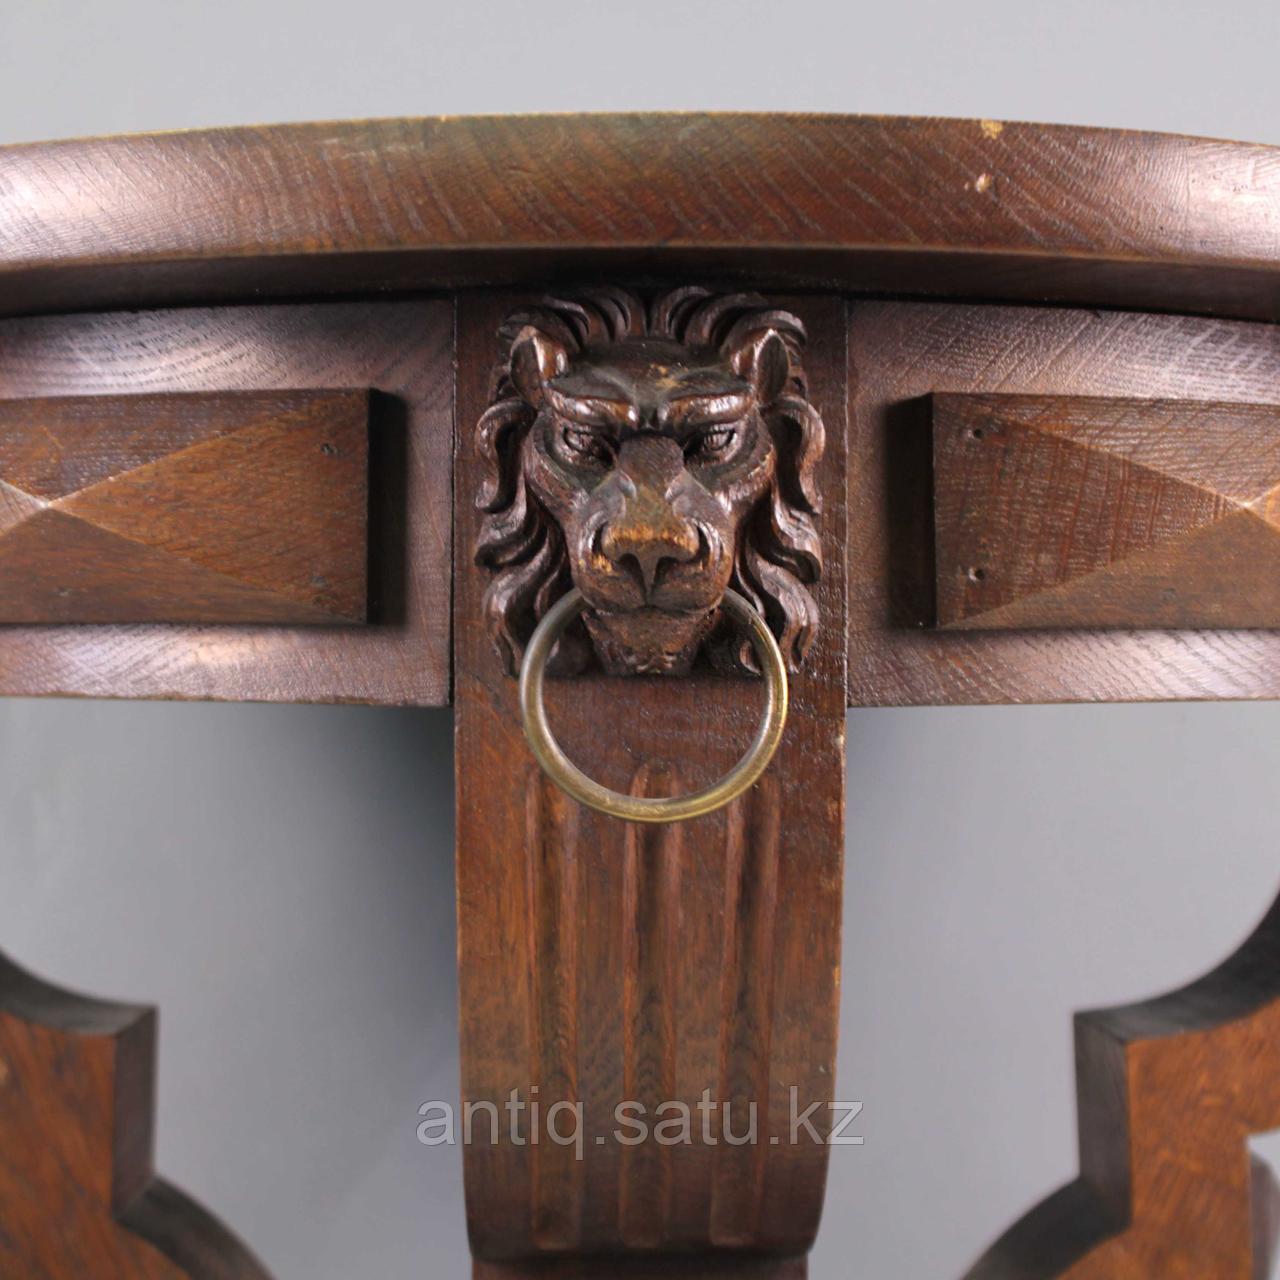 Журнальный столик со львами. Франция. Конец XIX - начало XX века - фото 7